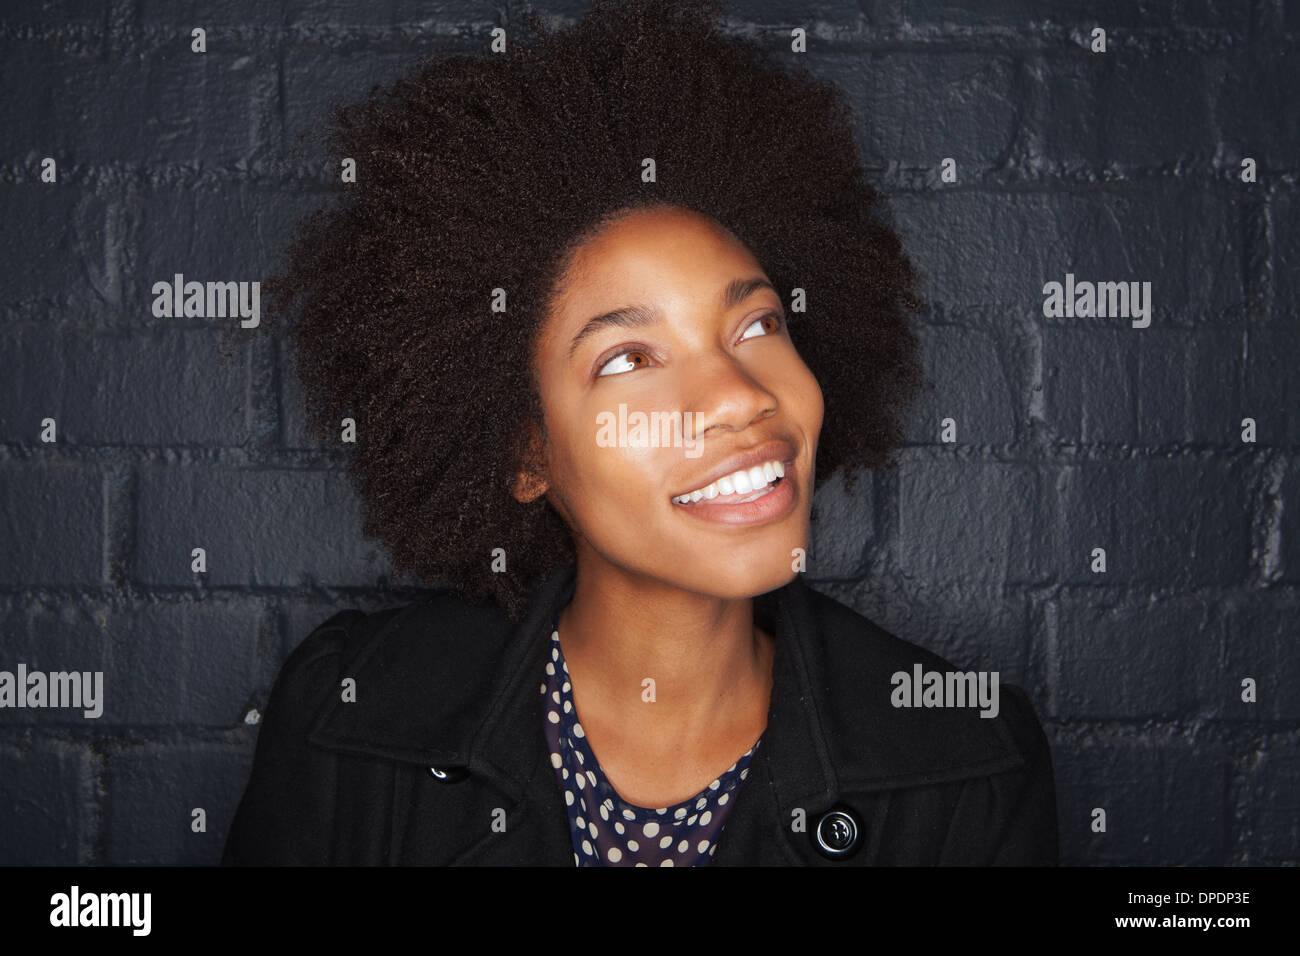 Mujer joven por pared de ladrillo negro mirando lejos Imagen De Stock